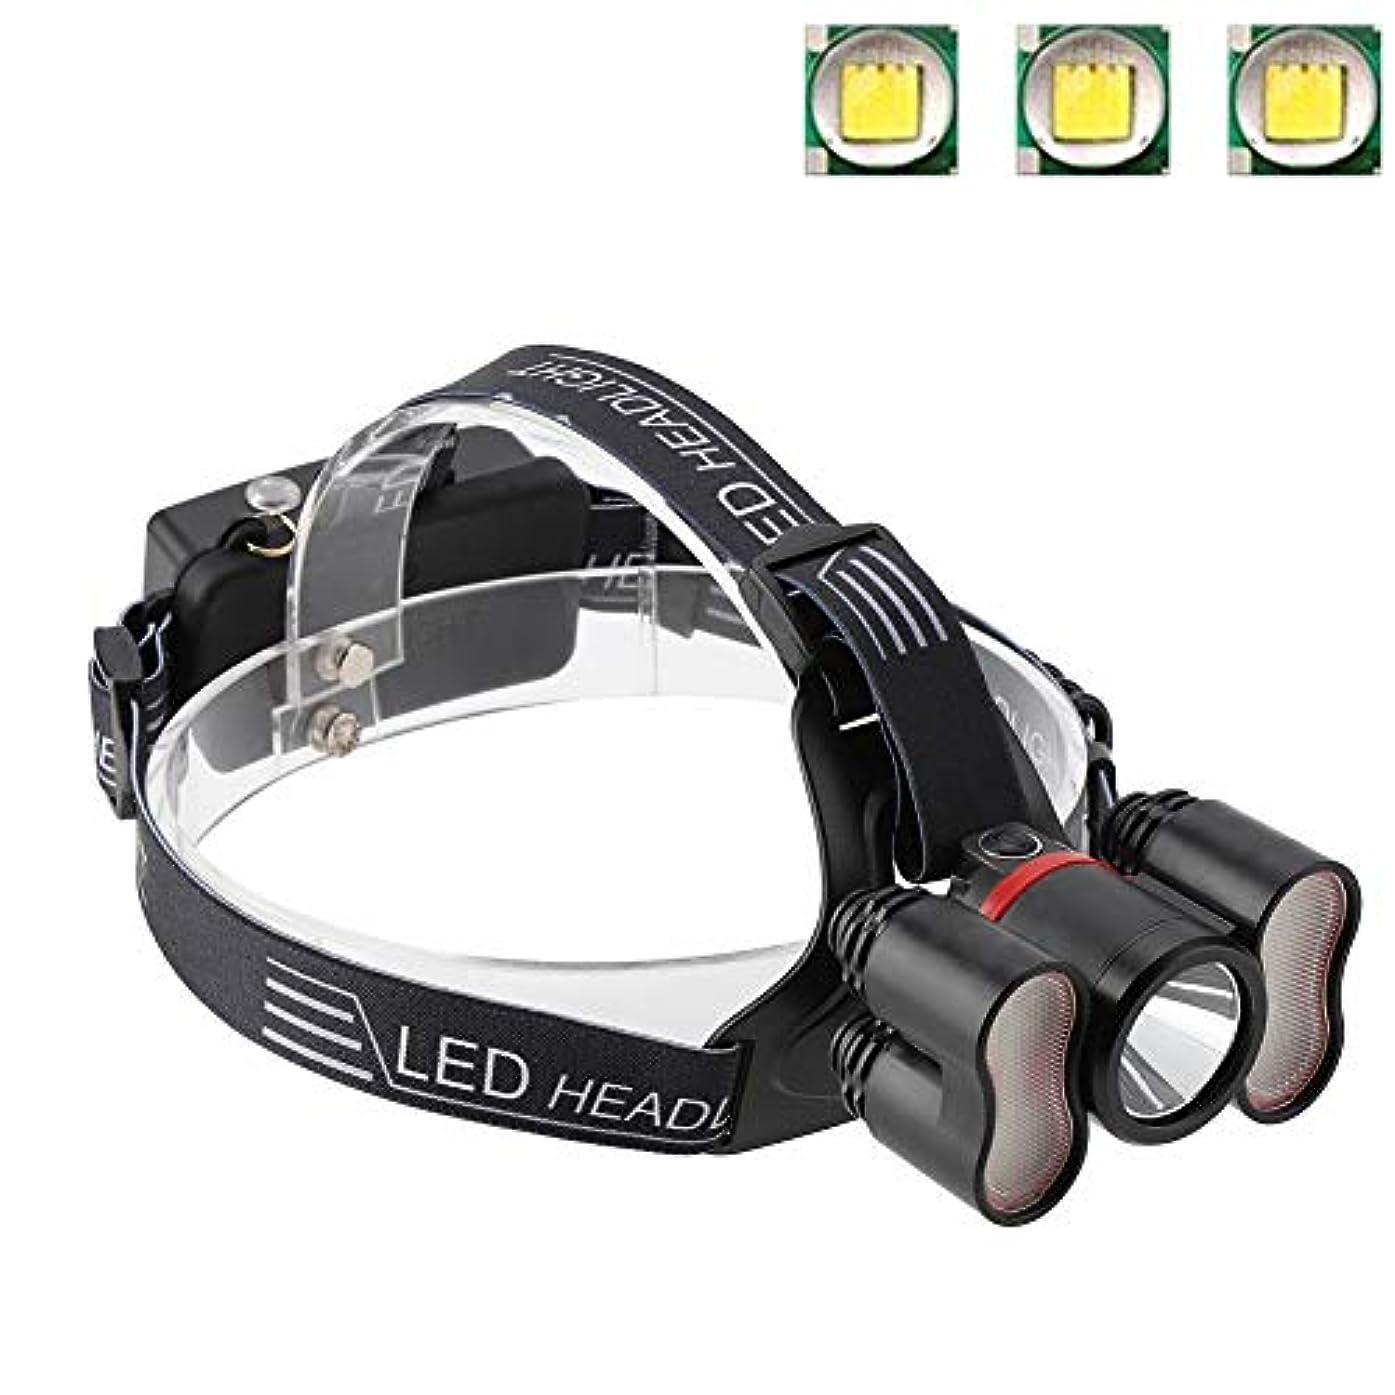 リットルルーチン教義ヘッドライト懐中電灯、2000LMヘッドライト18650 LED USB充電式防水トラベルヘッドトーチキャンプランプランニングハイキング釣りに適して(#1)